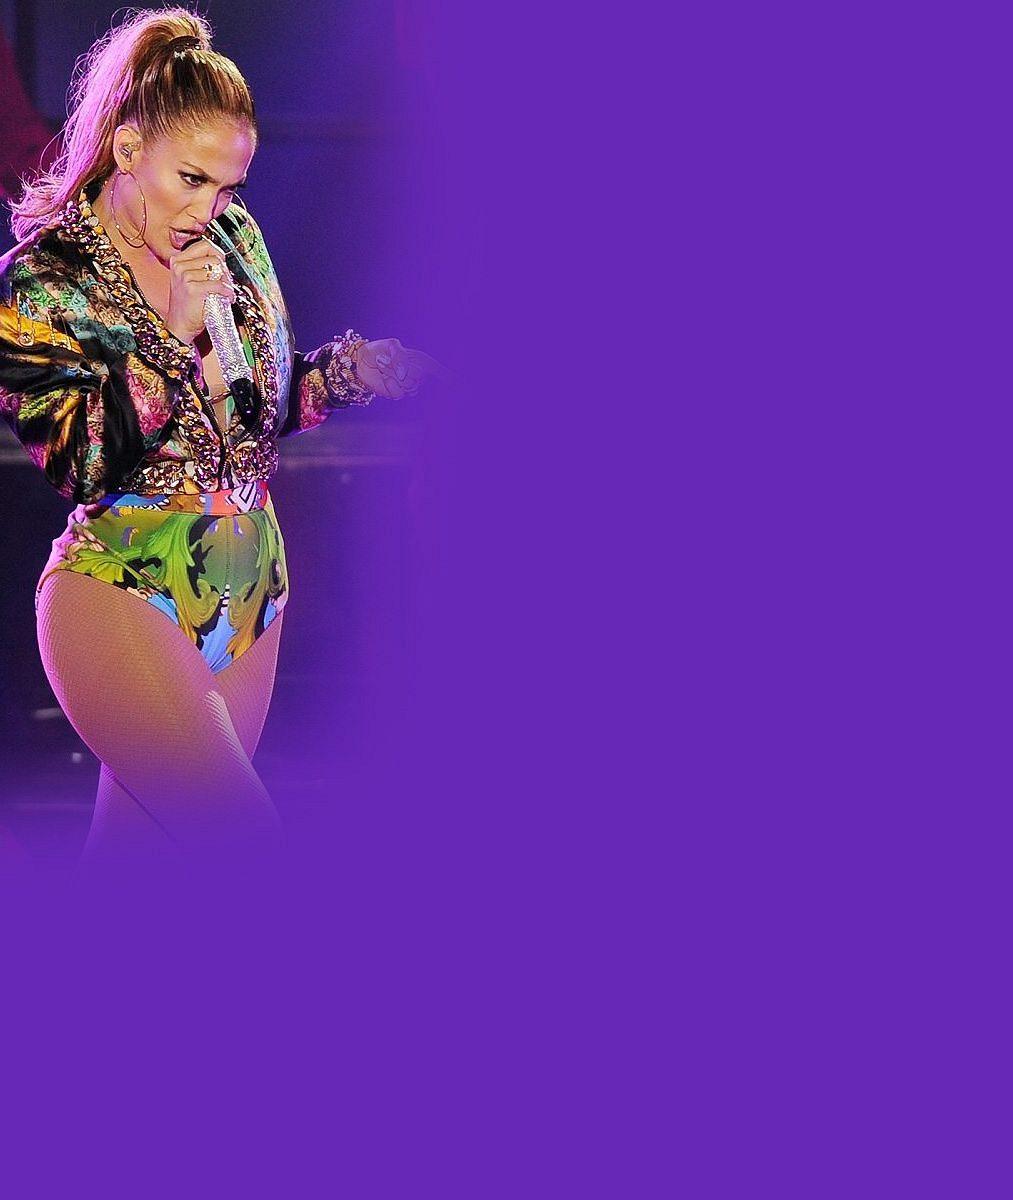 Nejžhavější čtyřicátnice se vyznamenala: Na pódiu řádila vplavkách stakovým nasazením, že na ní praskly punčochy